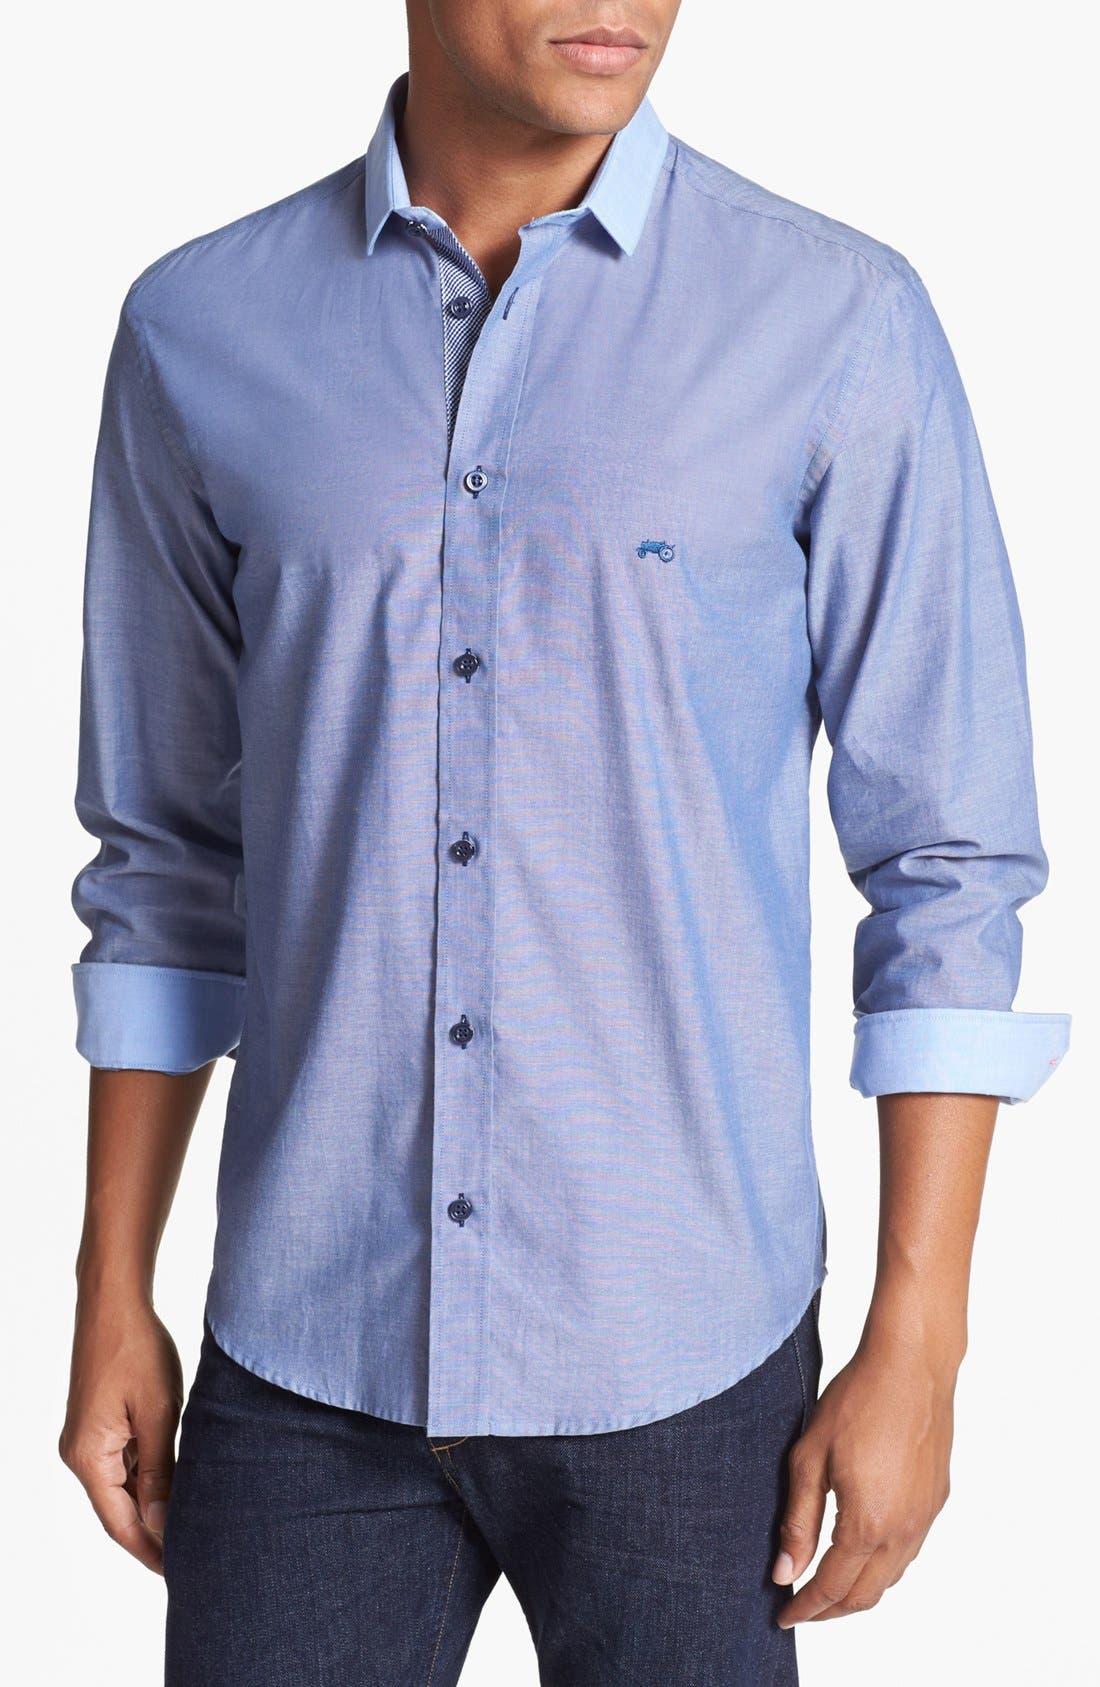 Alternate Image 1 Selected - Moods of Norway 'Arne Vik' Slim Fit Sport Shirt